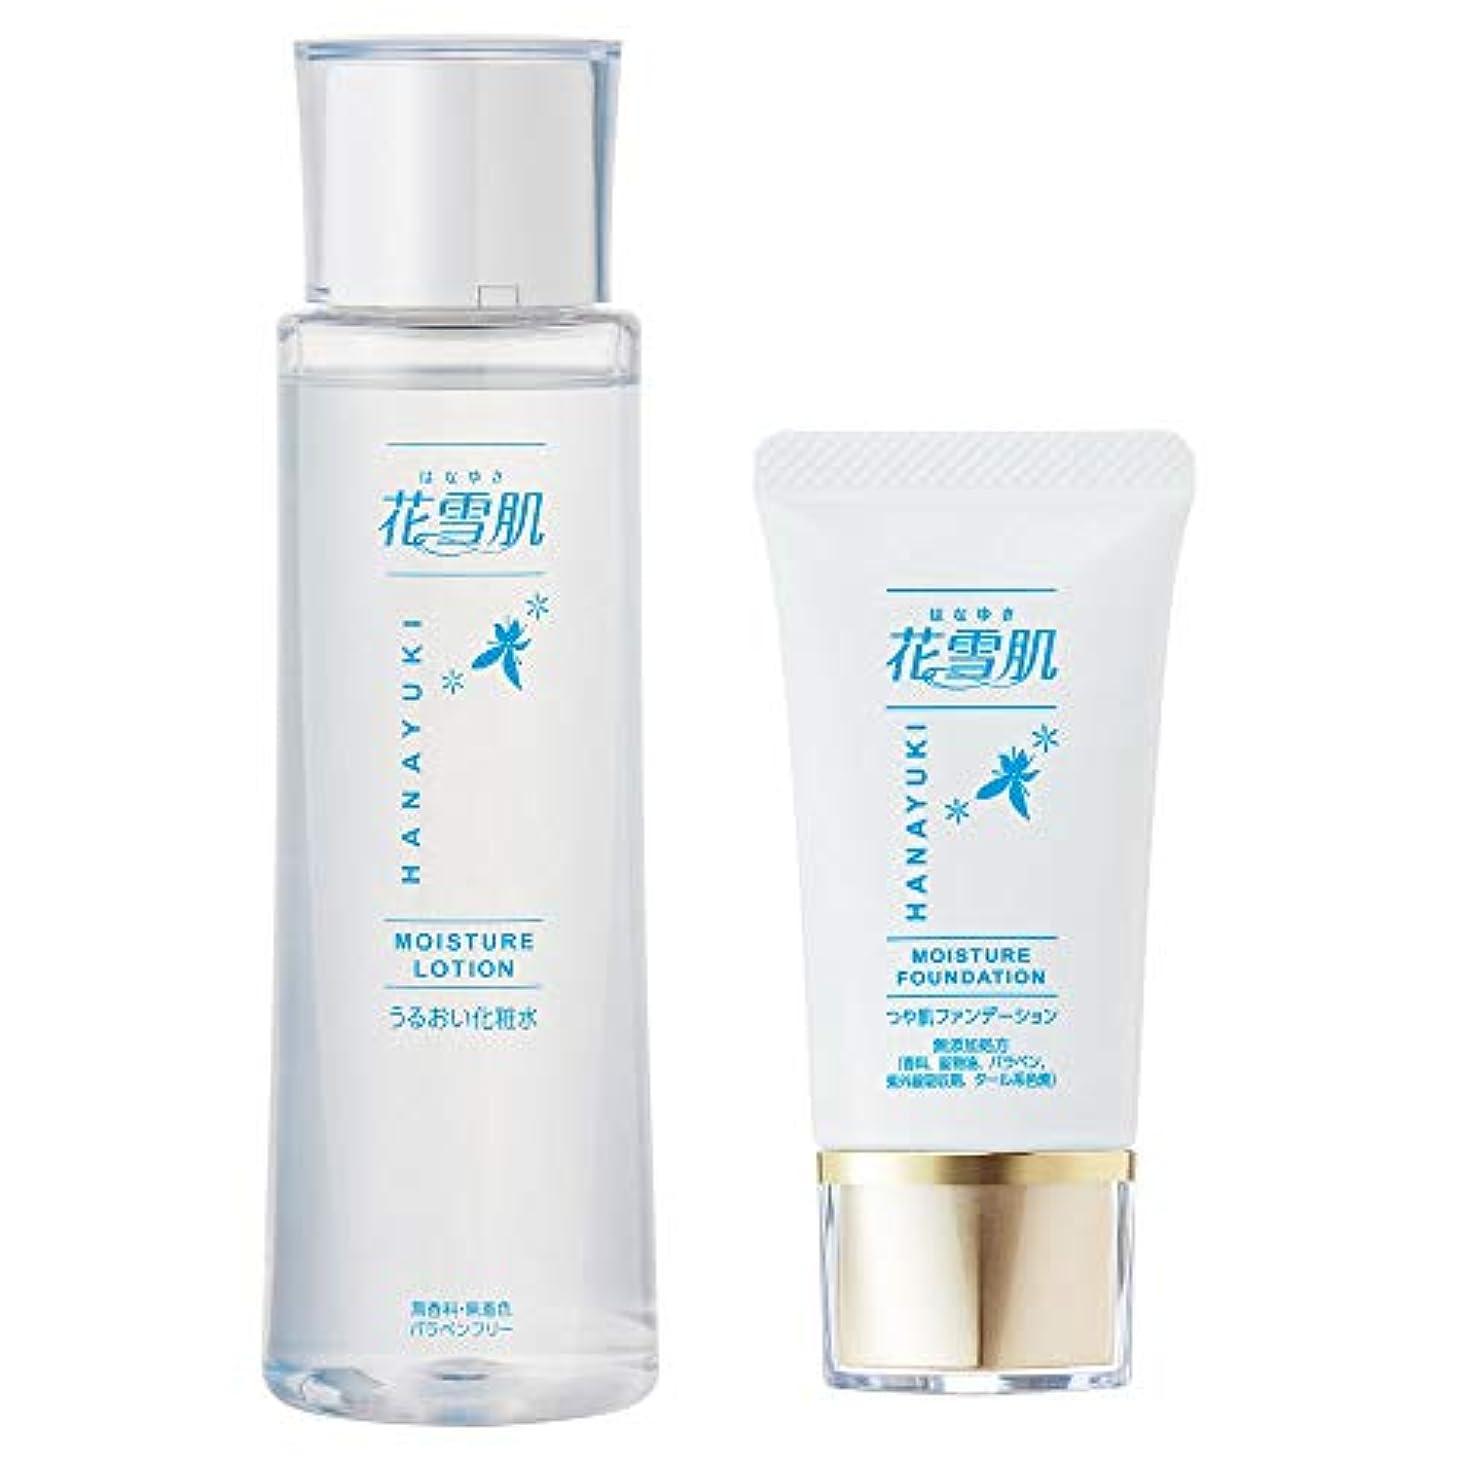 つらいメイド好戦的な花雪肌 [うるおい化粧水 200ml + つや肌ファンデーション 25gセット] 10種類の美容液成分を配合 オールインワン ヒアルロン酸 コラーゲン